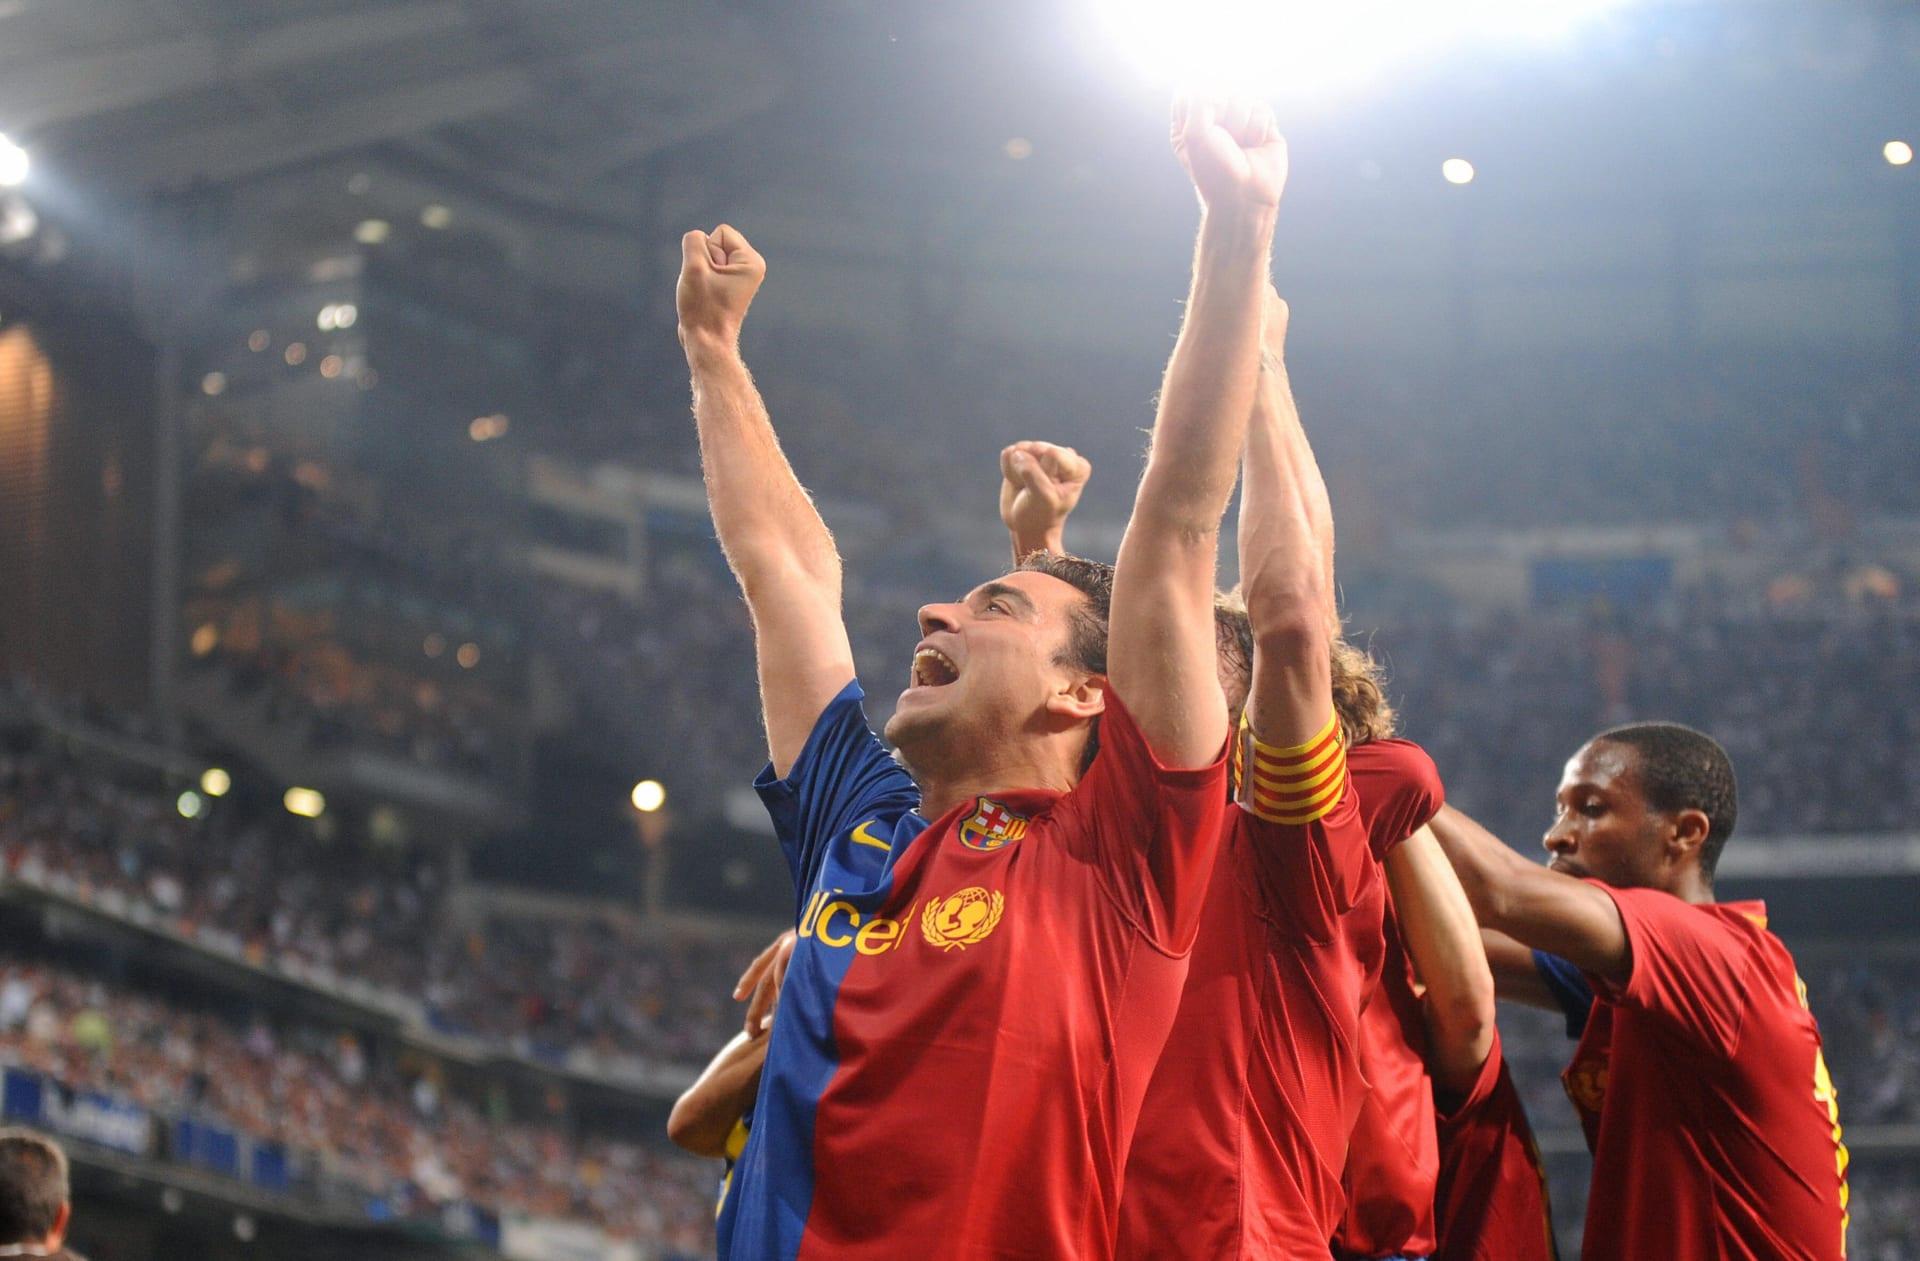 """شاهد.. نتائج تاريخية في """"كلاسيكو البرنابيو"""" بين ريال مدريد وبرشلونة"""